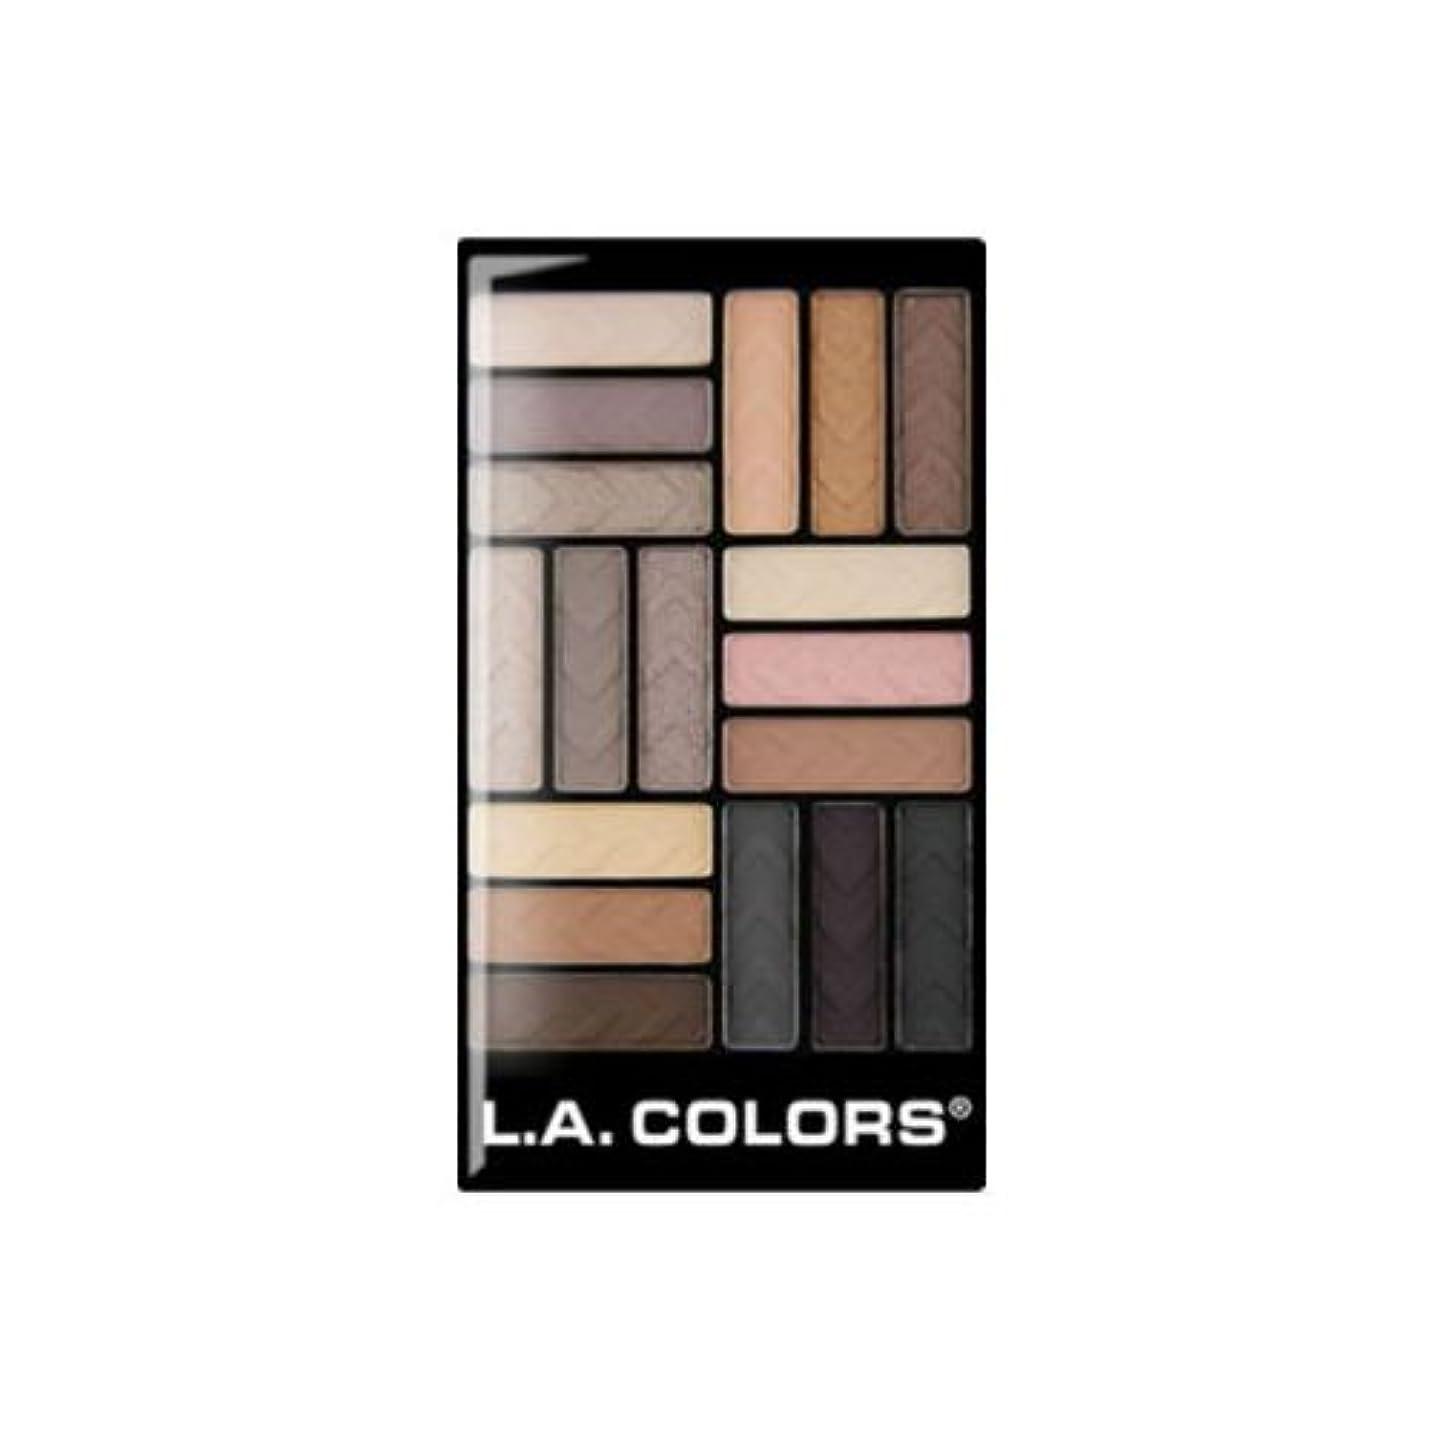 素晴らしい革命的パイ(3 Pack) L.A. COLORS 18 Color Eyeshadow - Downtown Brown (並行輸入品)